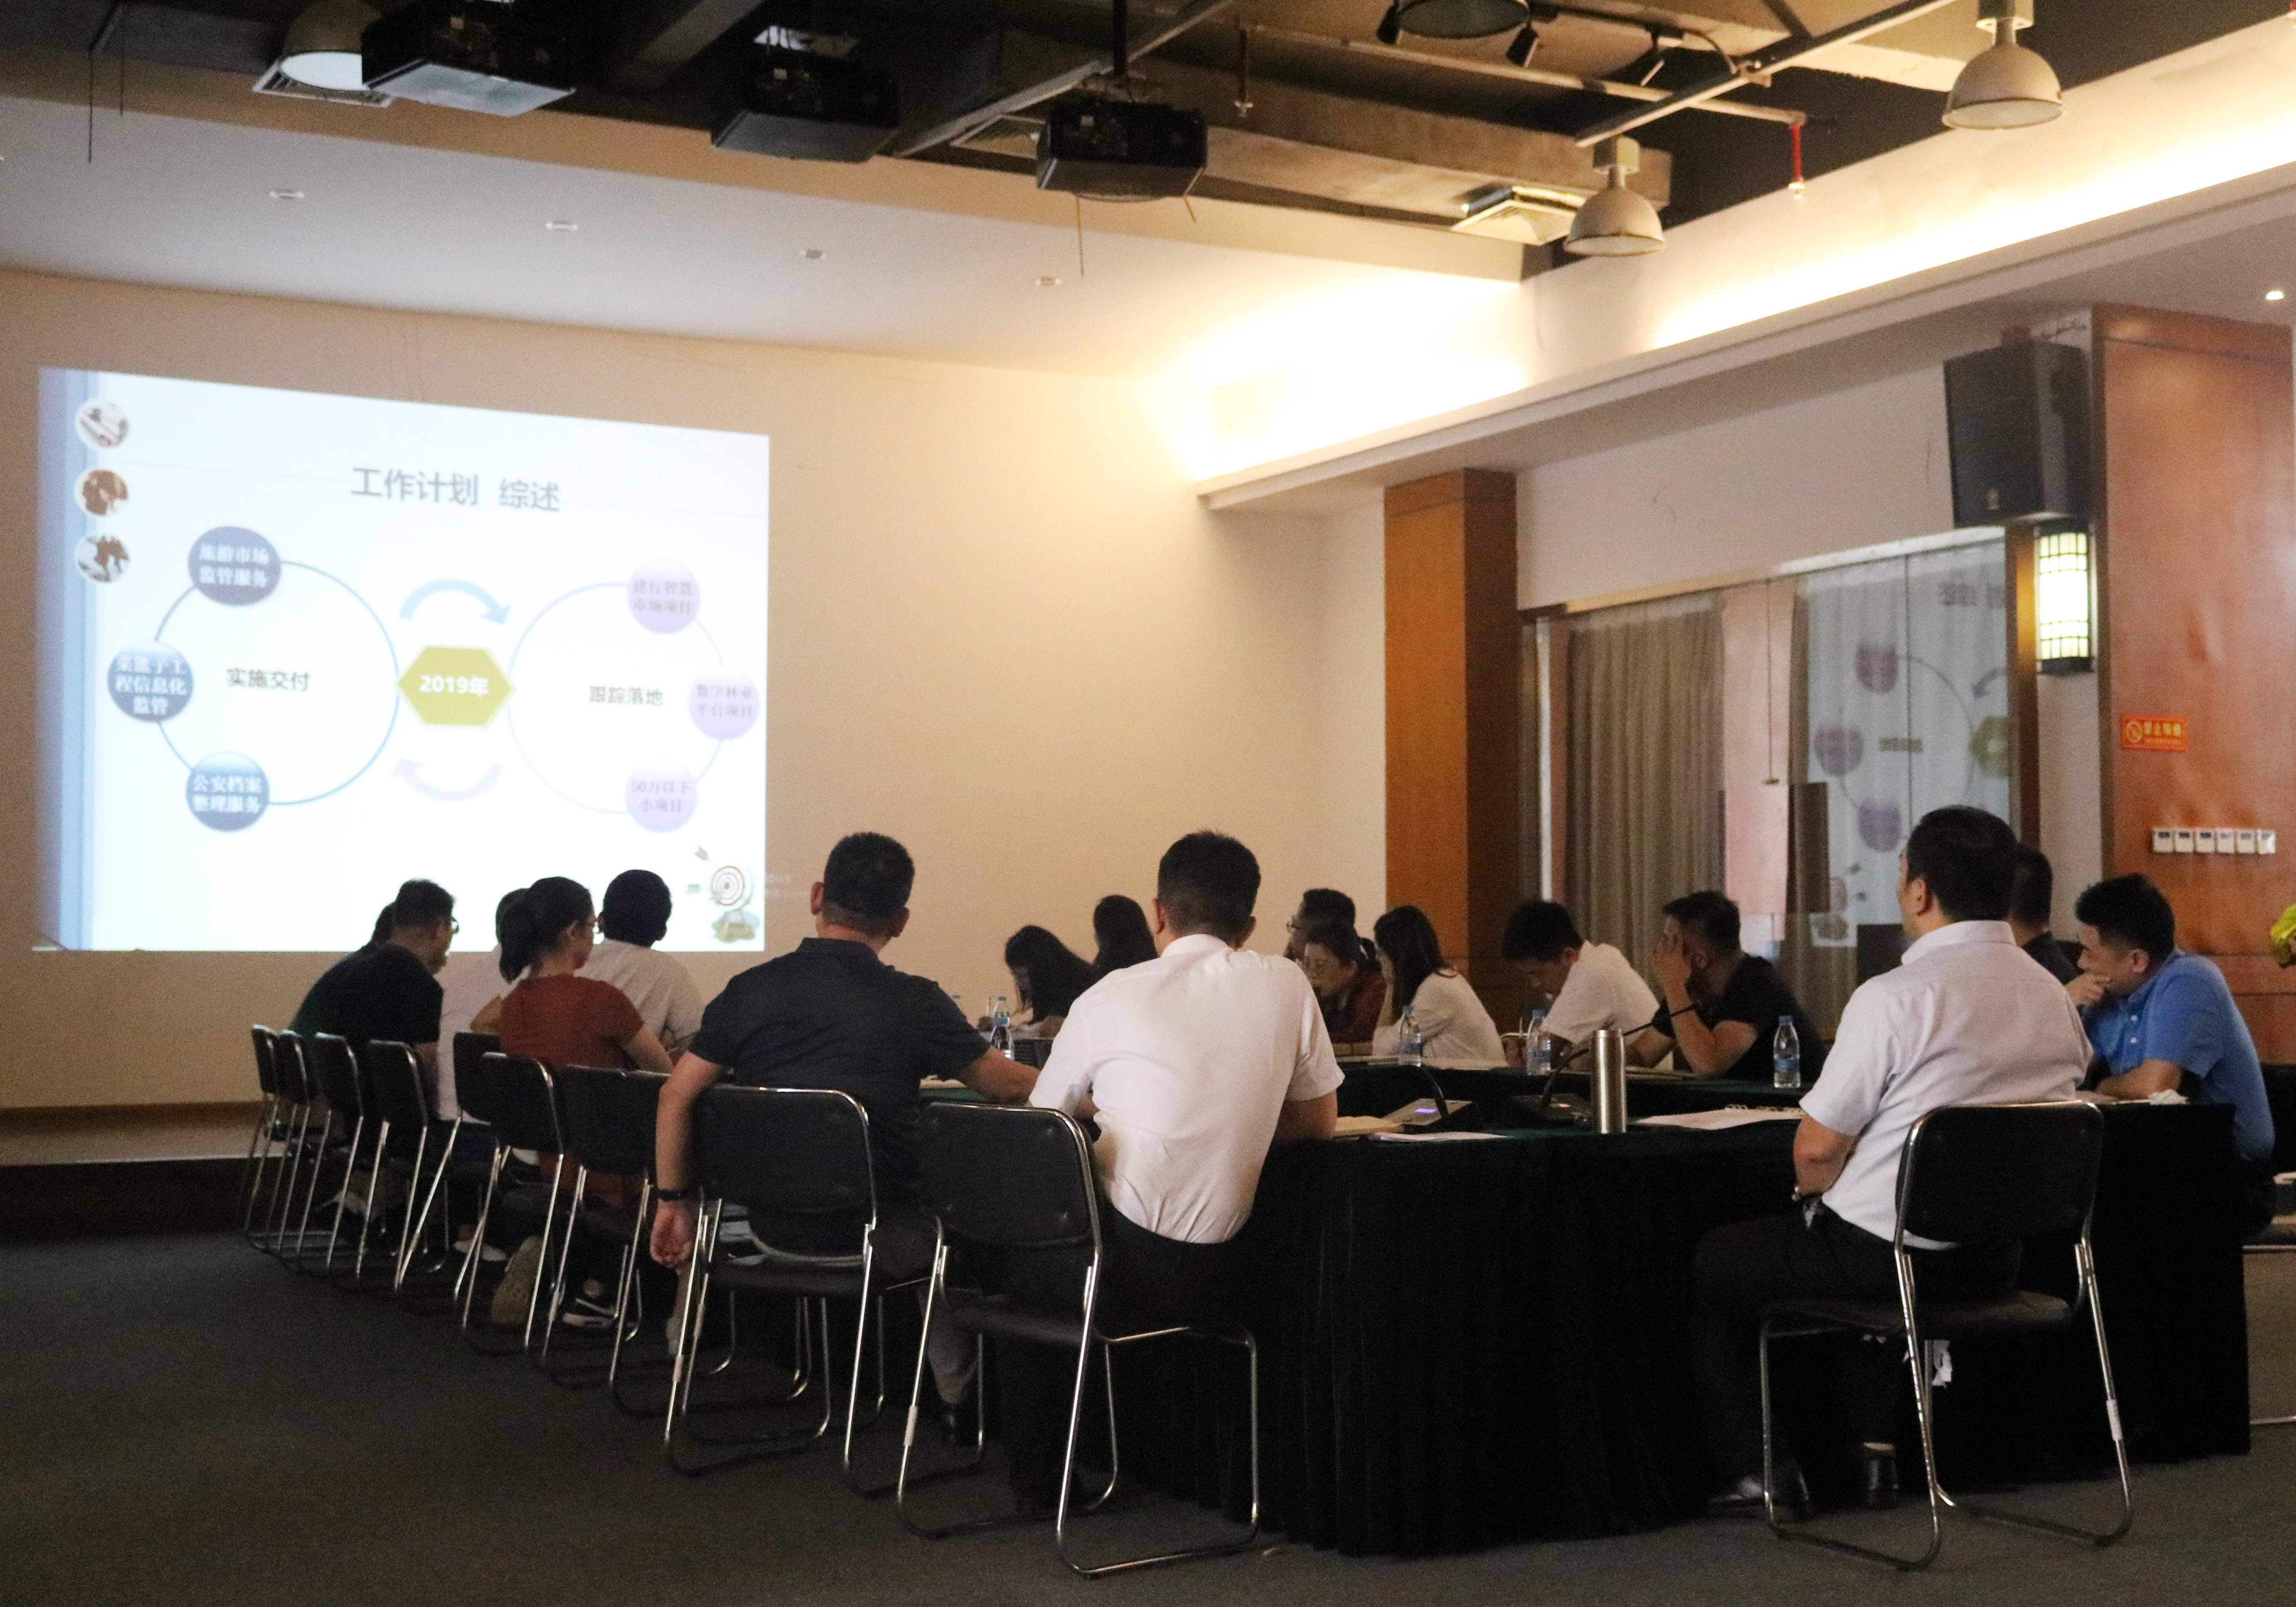 三亞情趣阁公司召開2019年度上半年總結暨下半年工作計劃大會